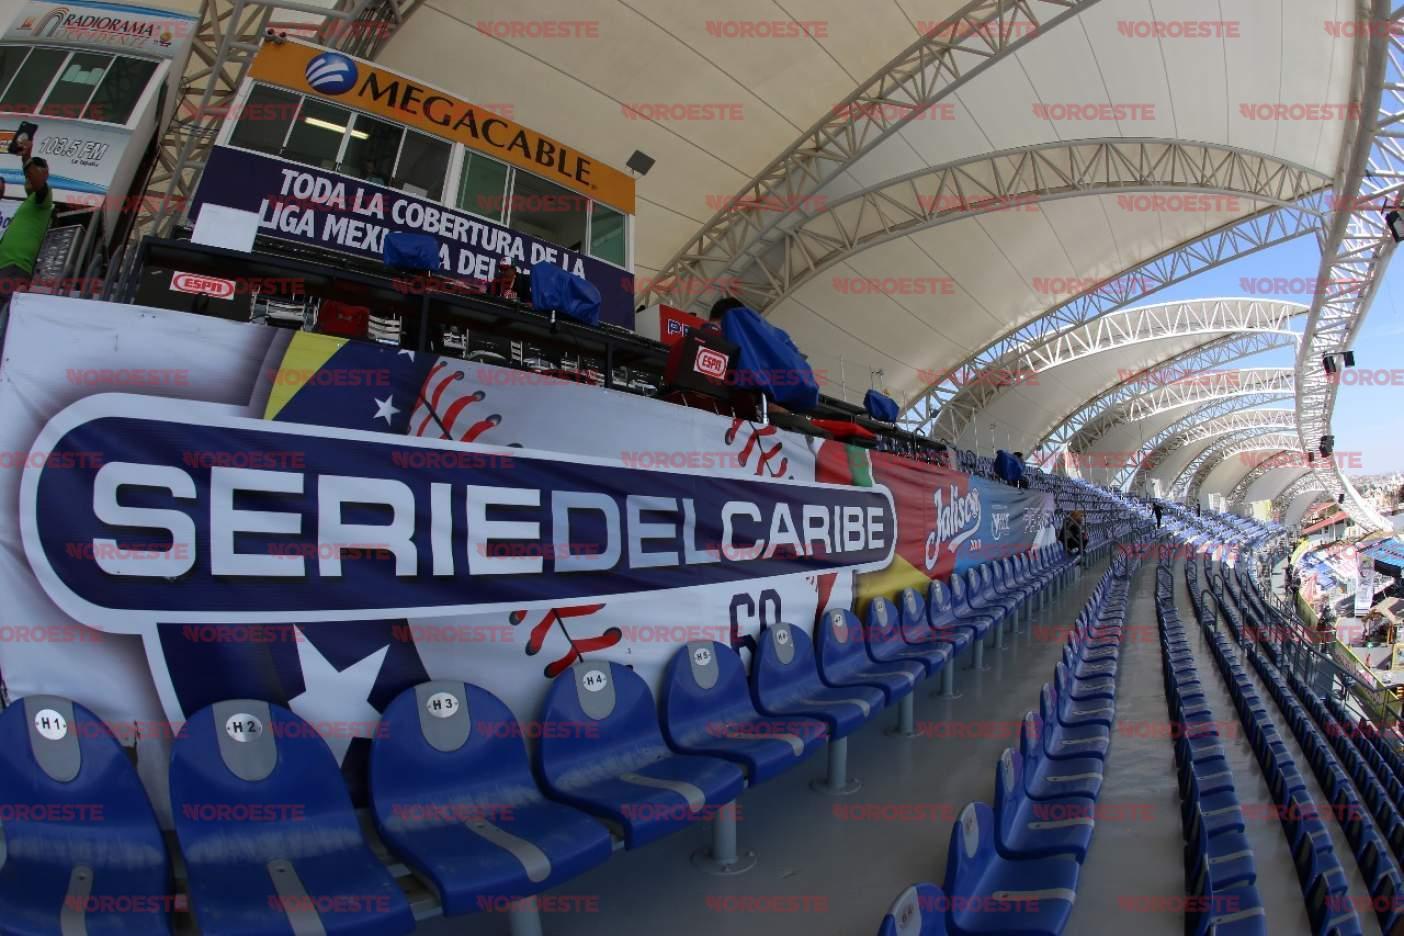 Barquisimeto reafirmada como sede para la Serie del Caribe 2019